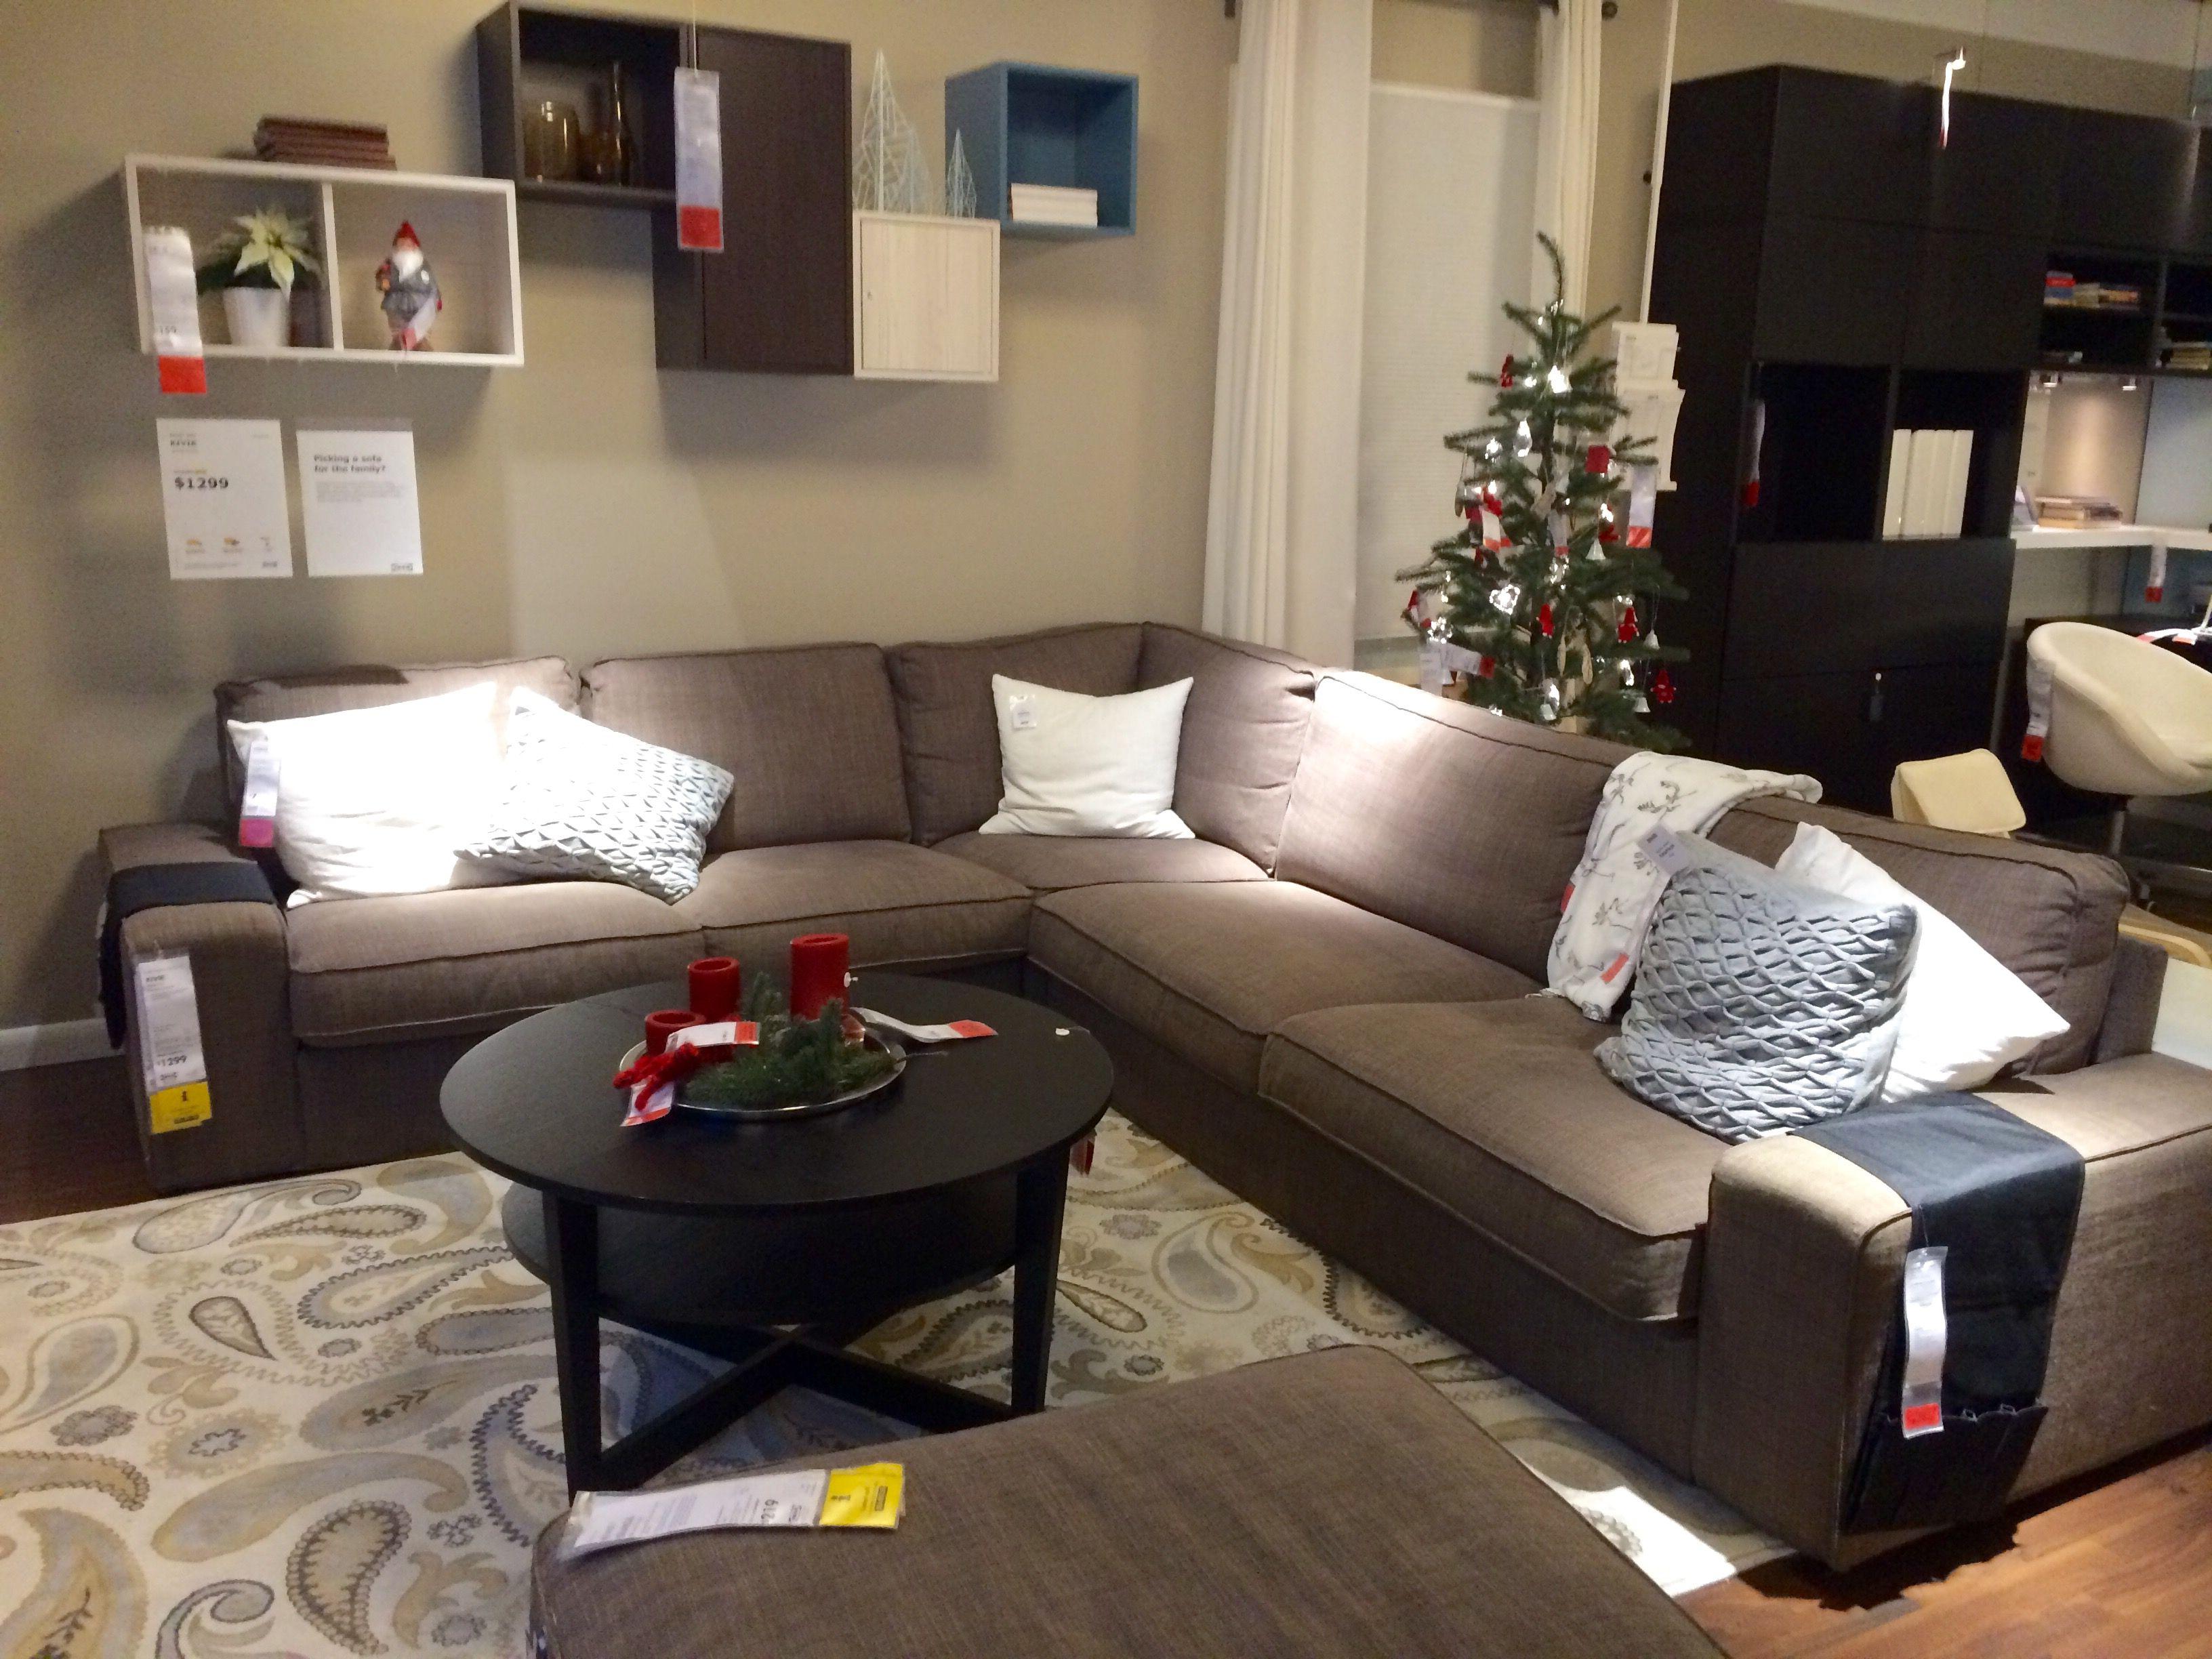 Ikea Kivik Sectional Sofa Ikea Living Room Furniture Cheap